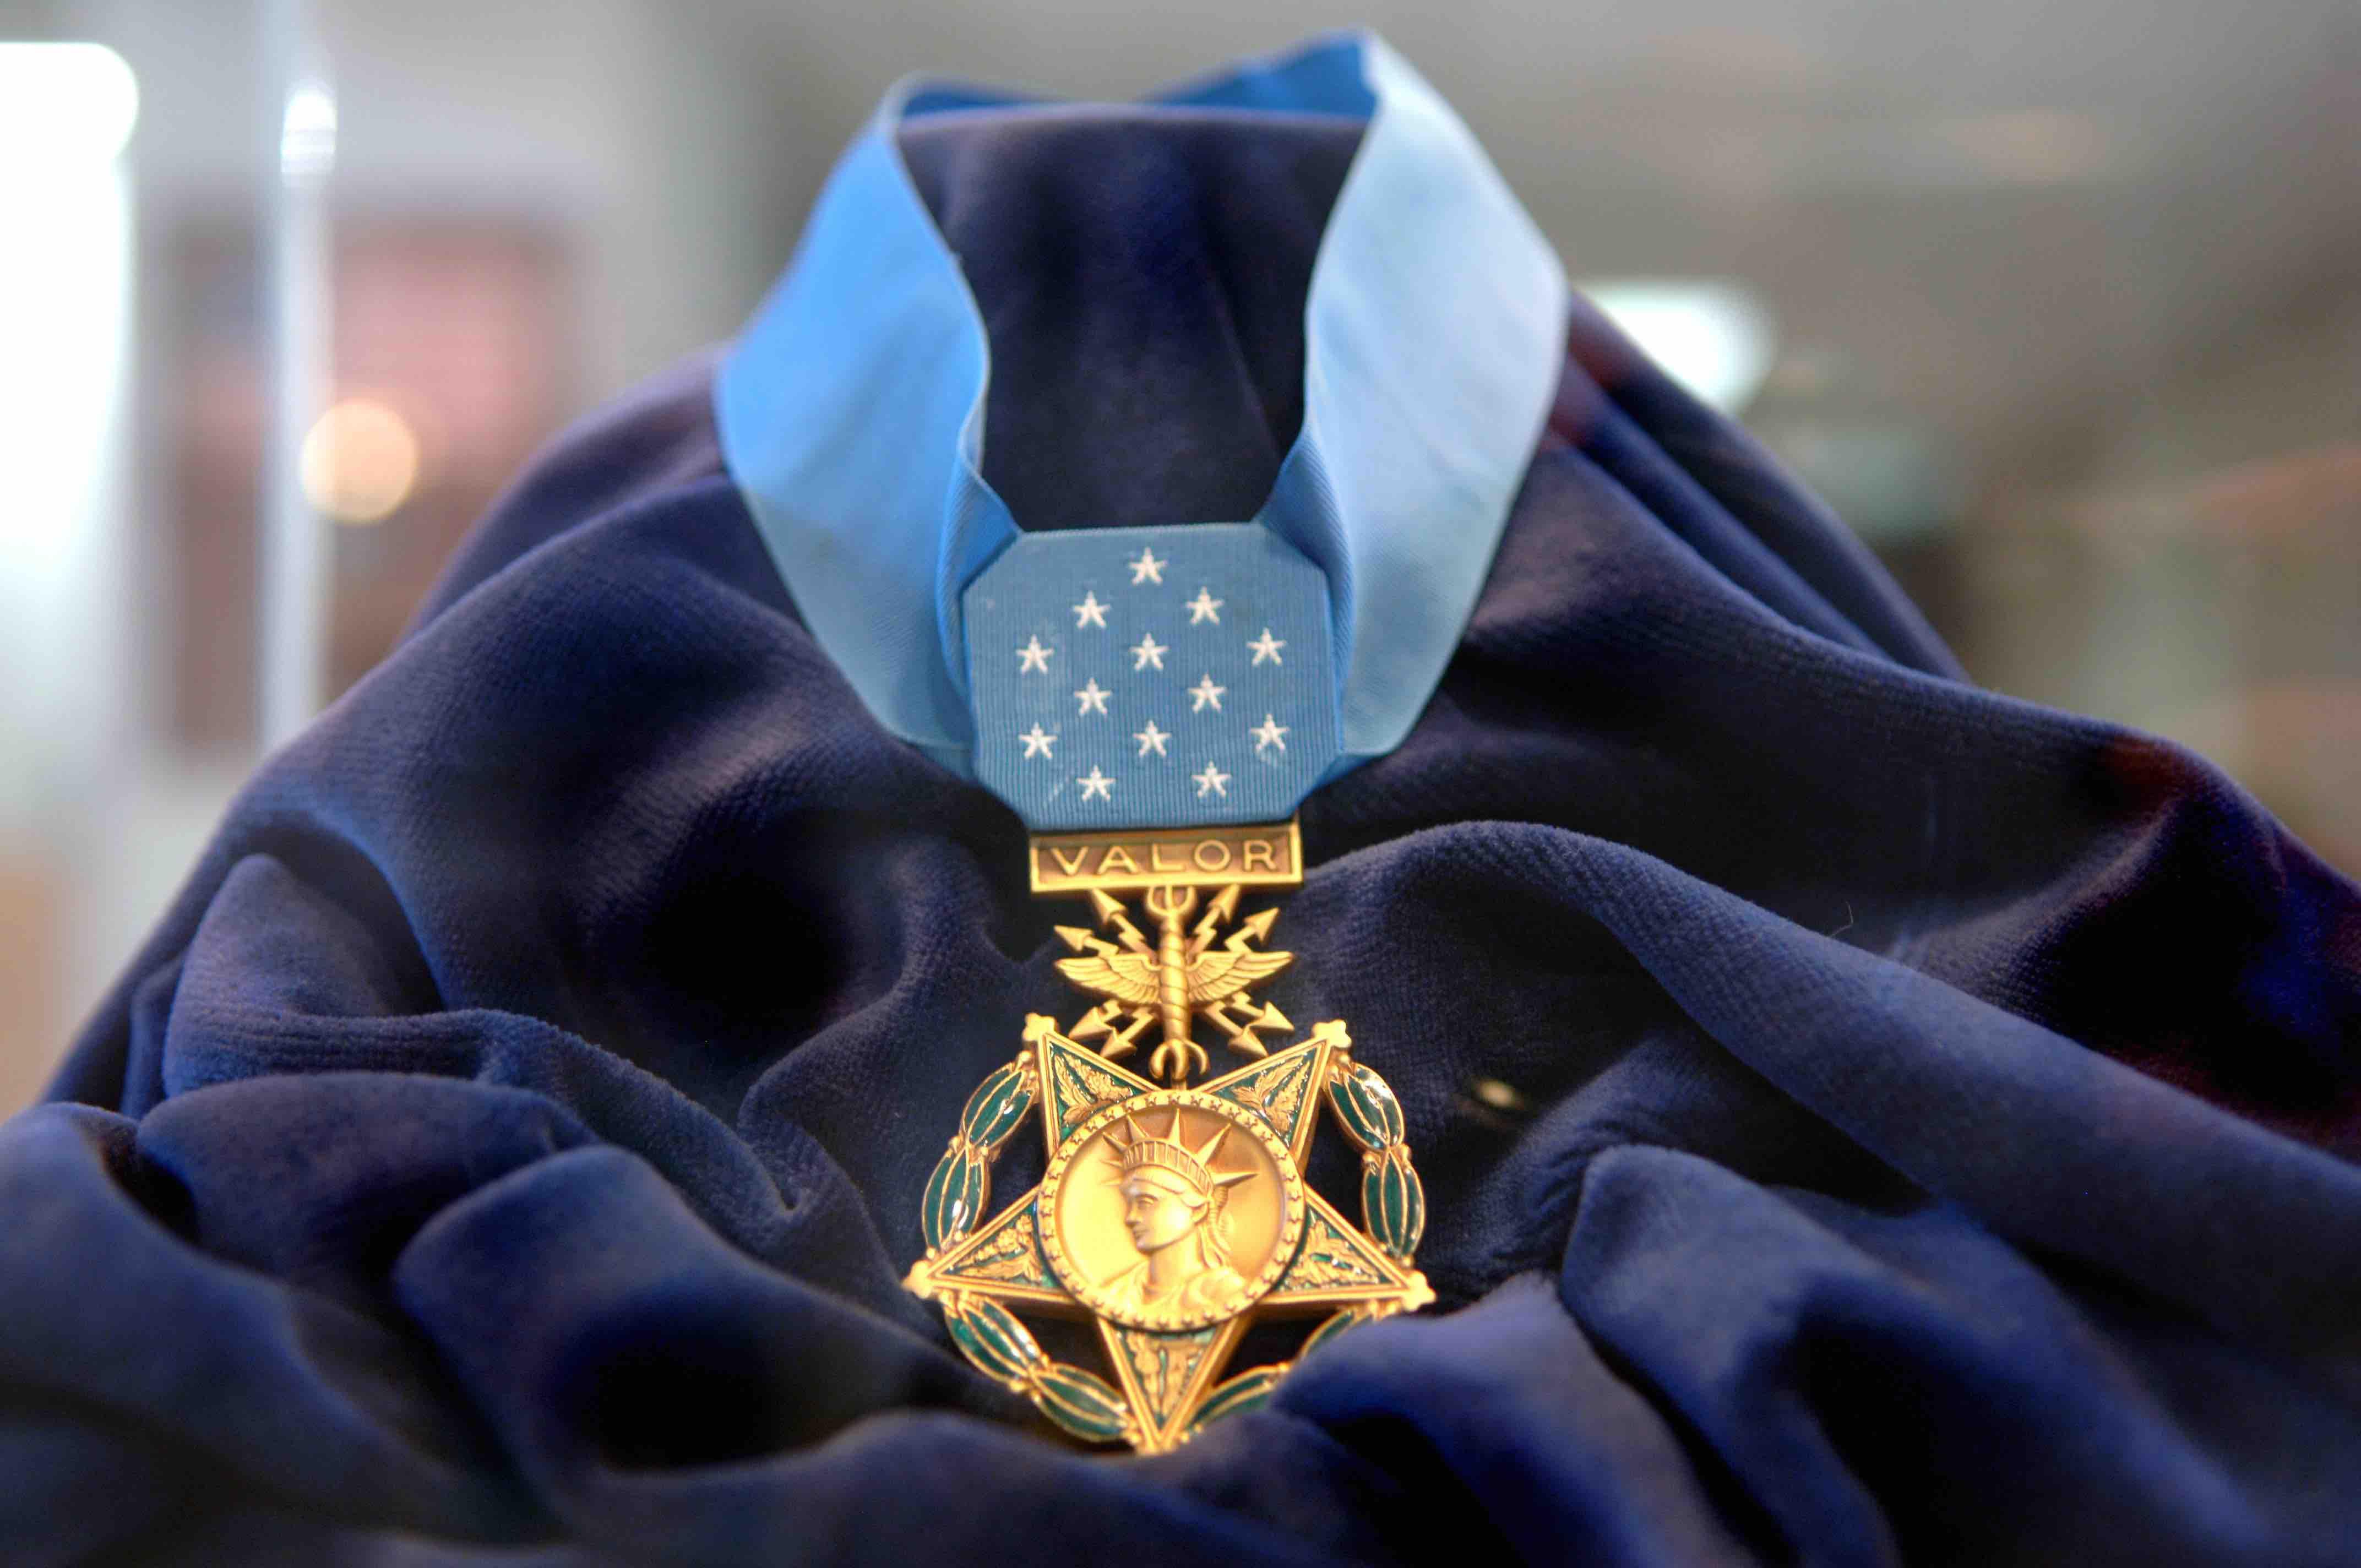 History Hustle Medal photo